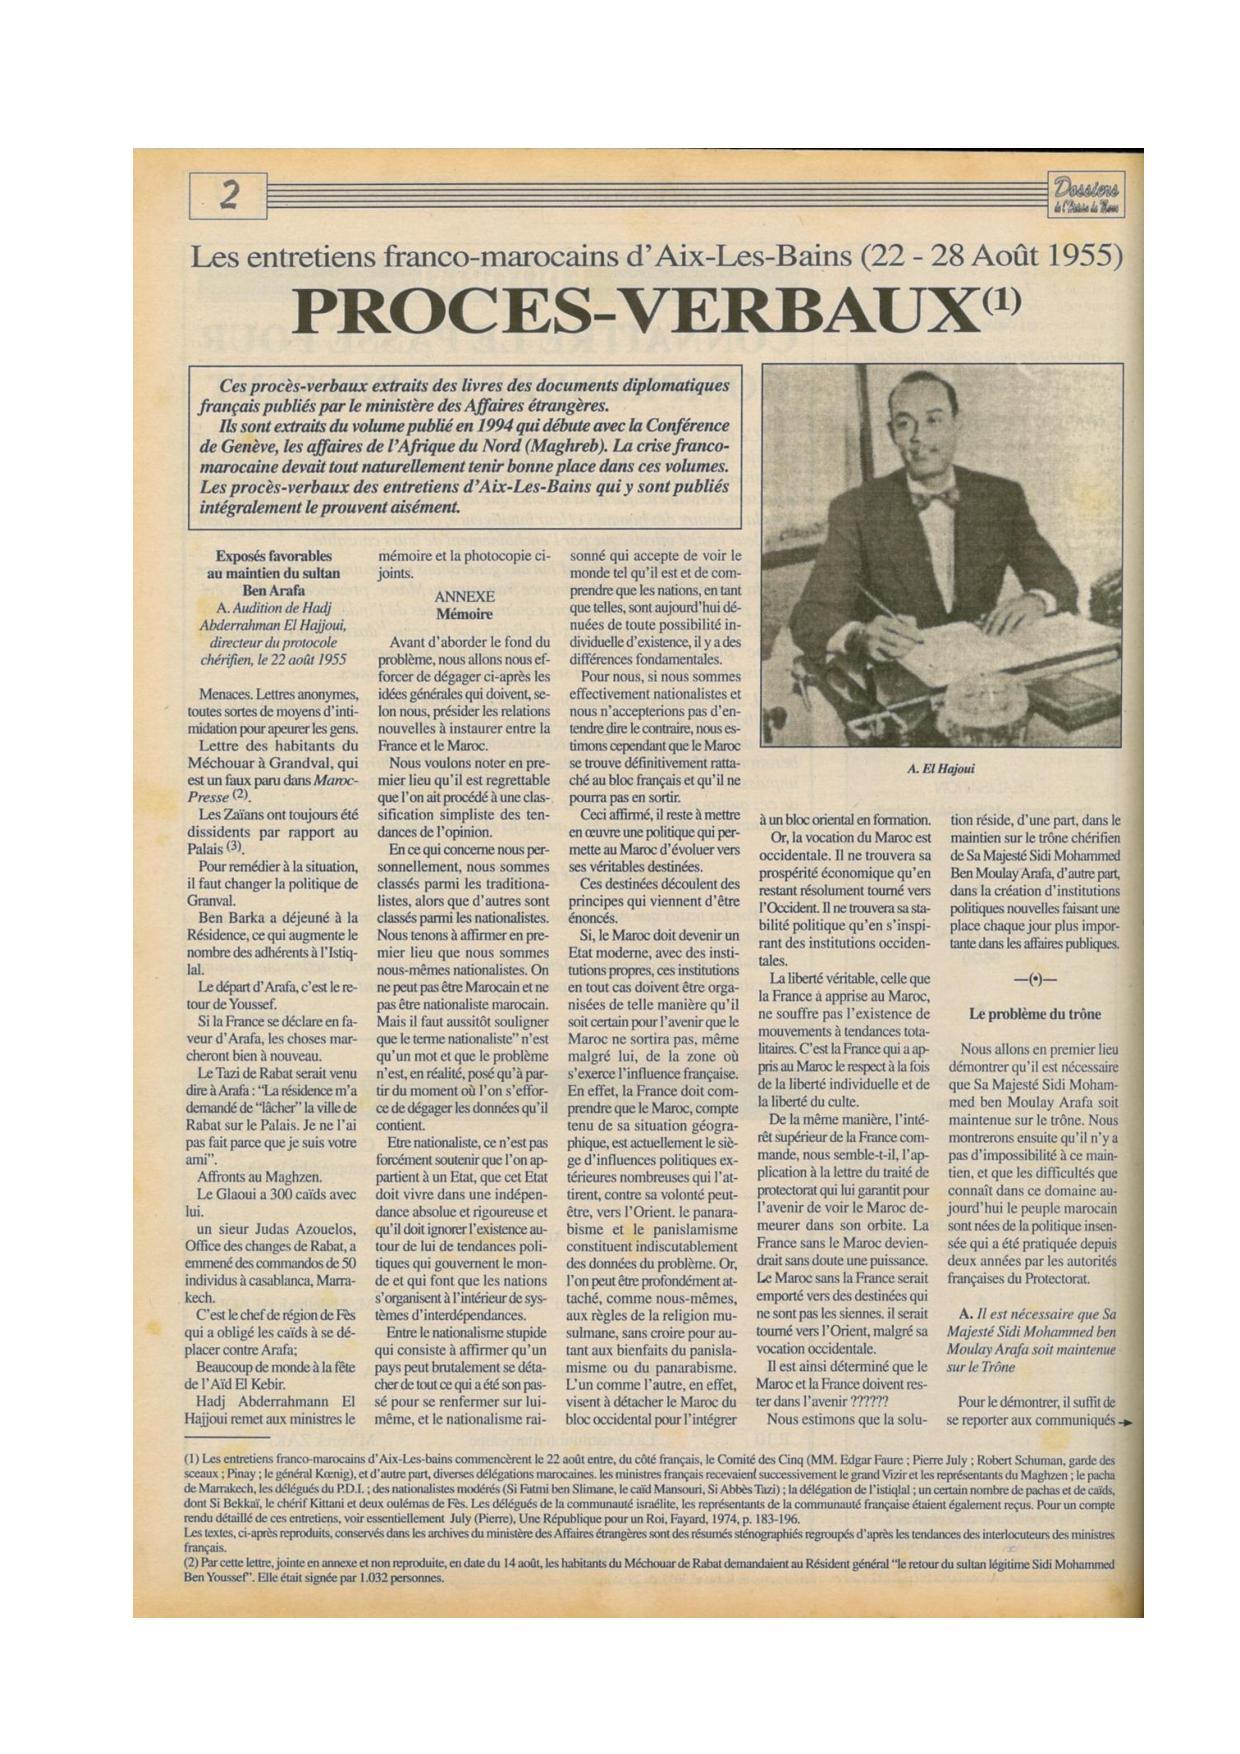 Dossiers de l histoire du Maroc n°01 Juin 1996-page-003.jpg